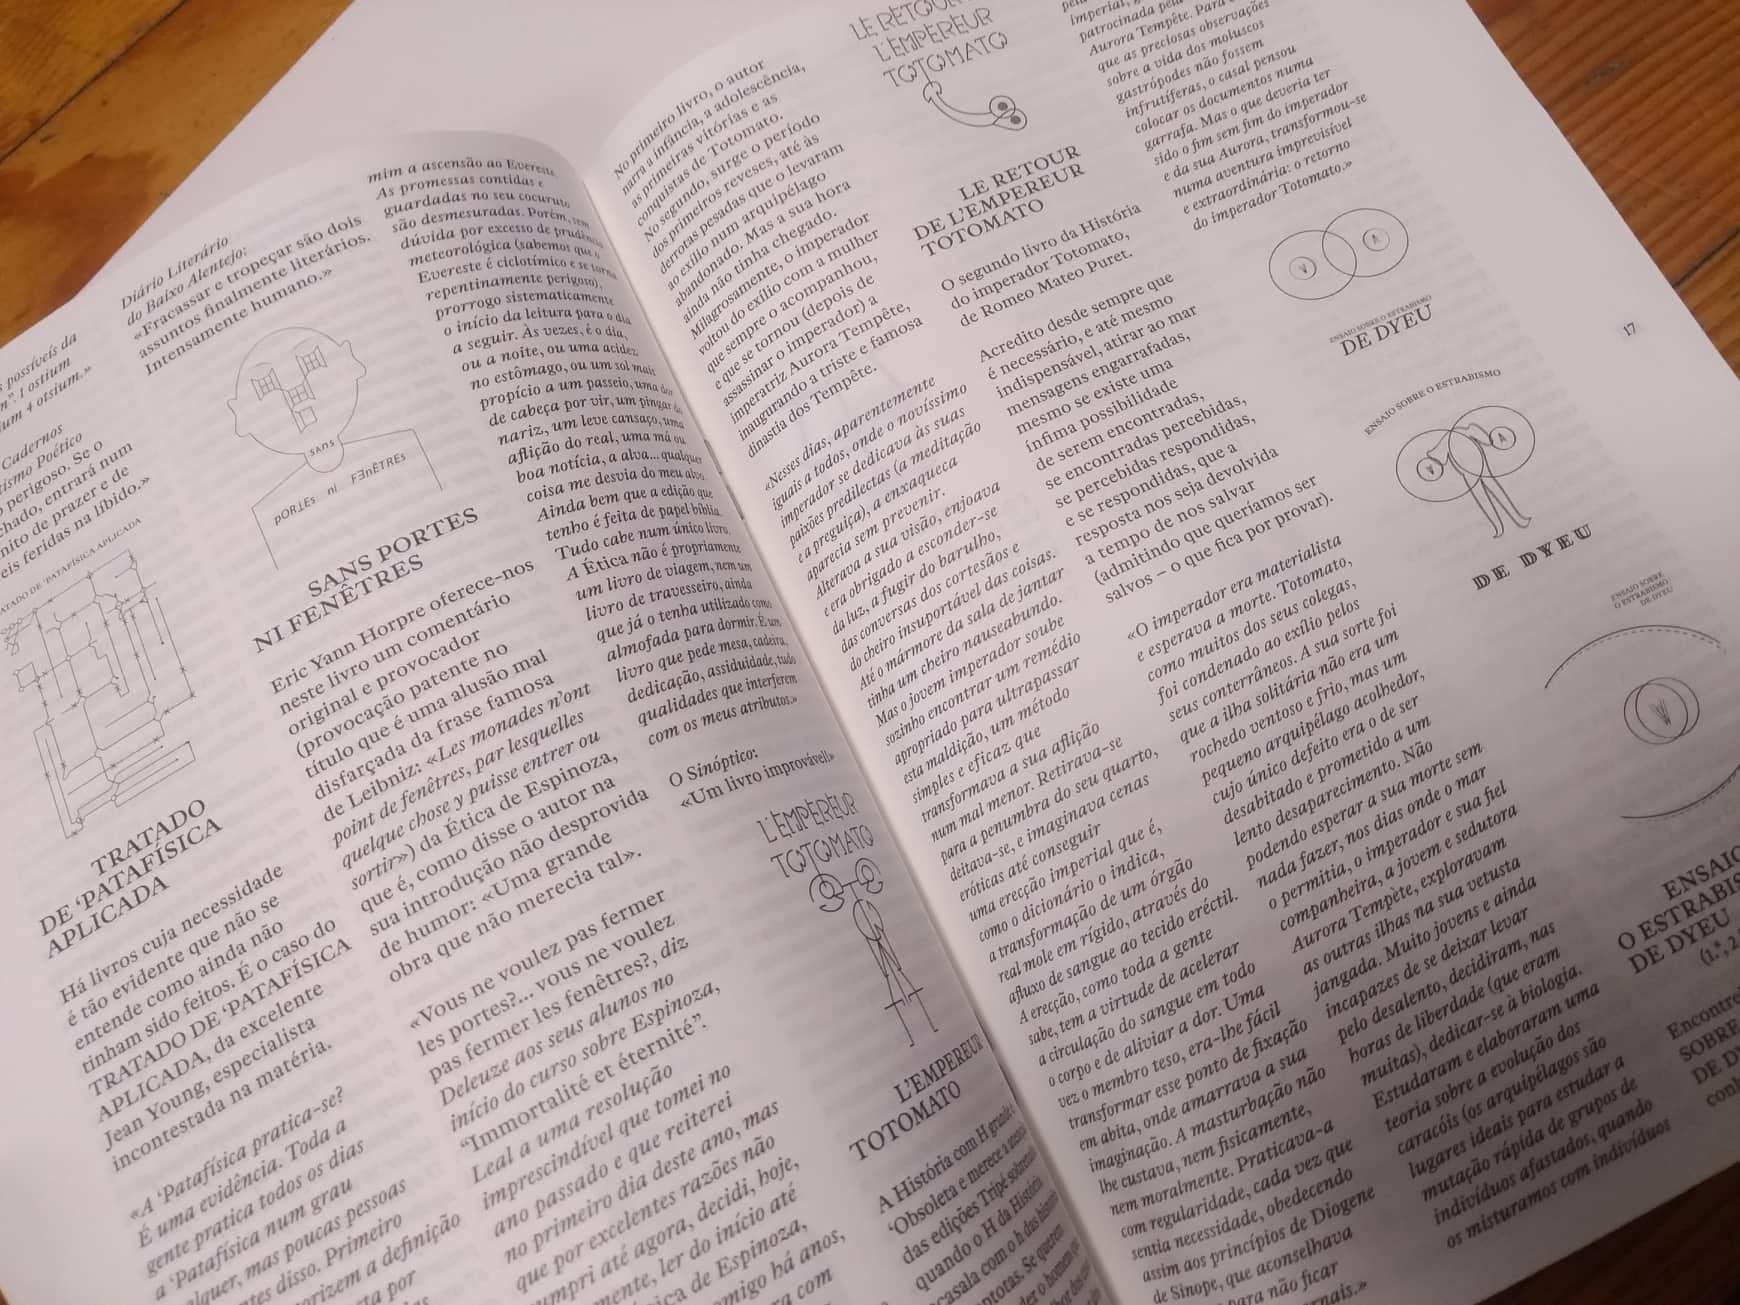 K contra K - catálogo incompleto das Edições Tripé